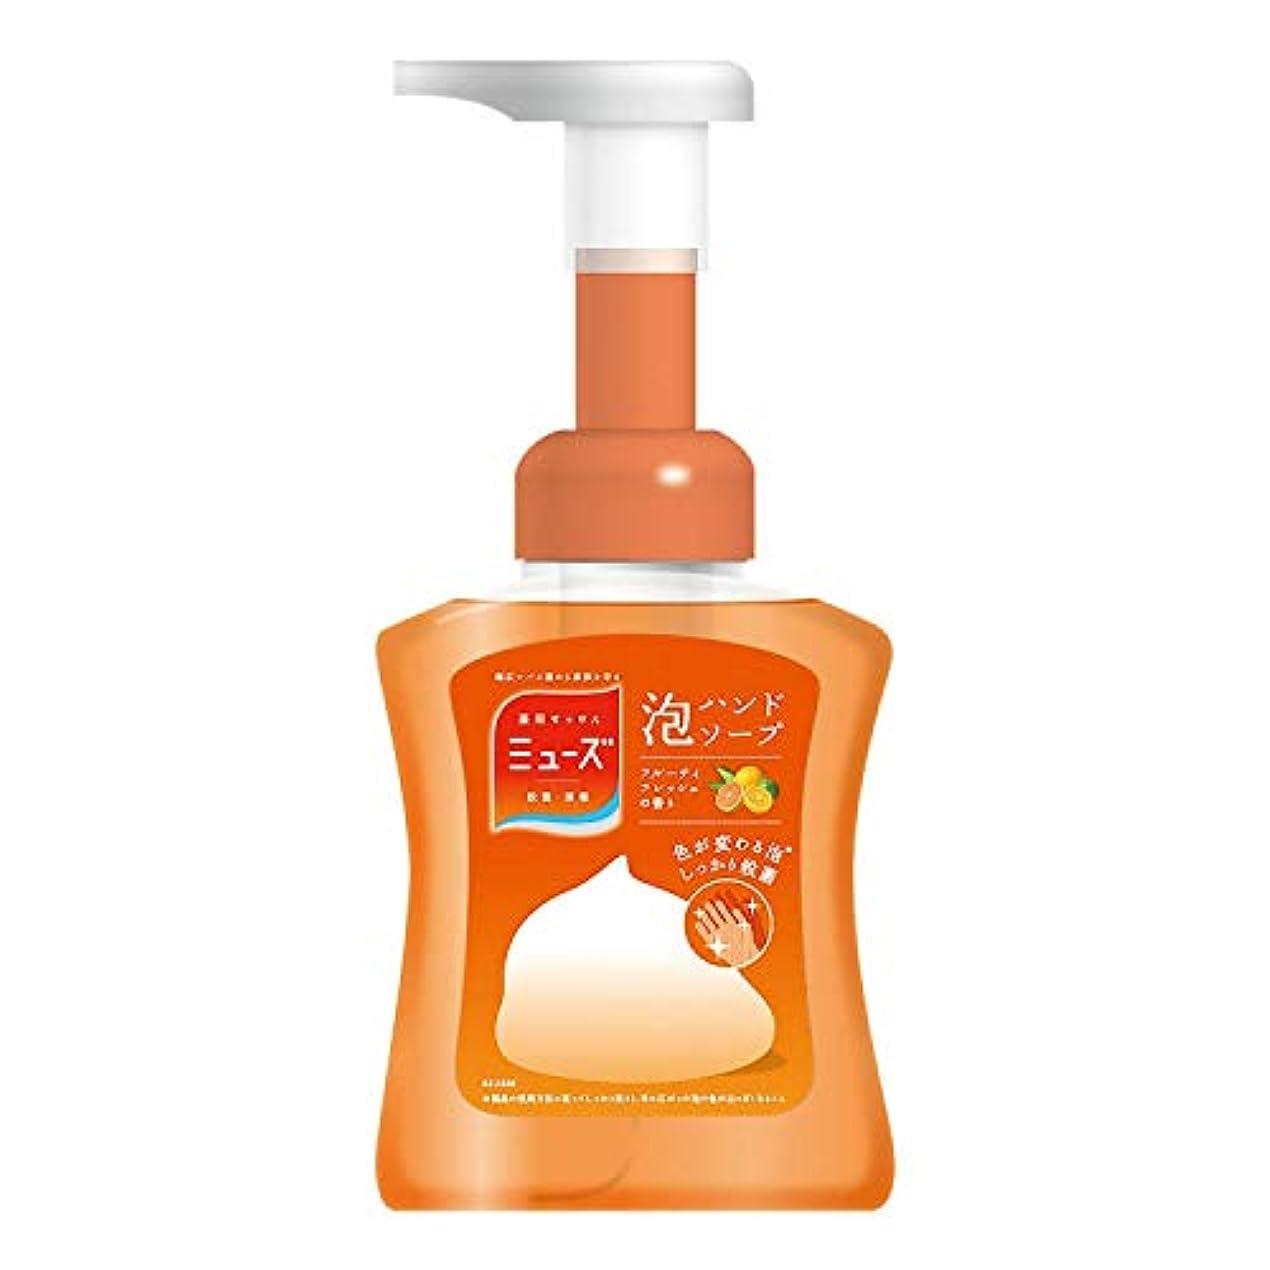 安定した故障中前件【医薬部外品】ミューズ 泡 ハンドソープ フルーティフレッシュの香り 色が変わる泡 本体ボトル 250ml 殺菌 消毒 手洗い 保湿成分配合